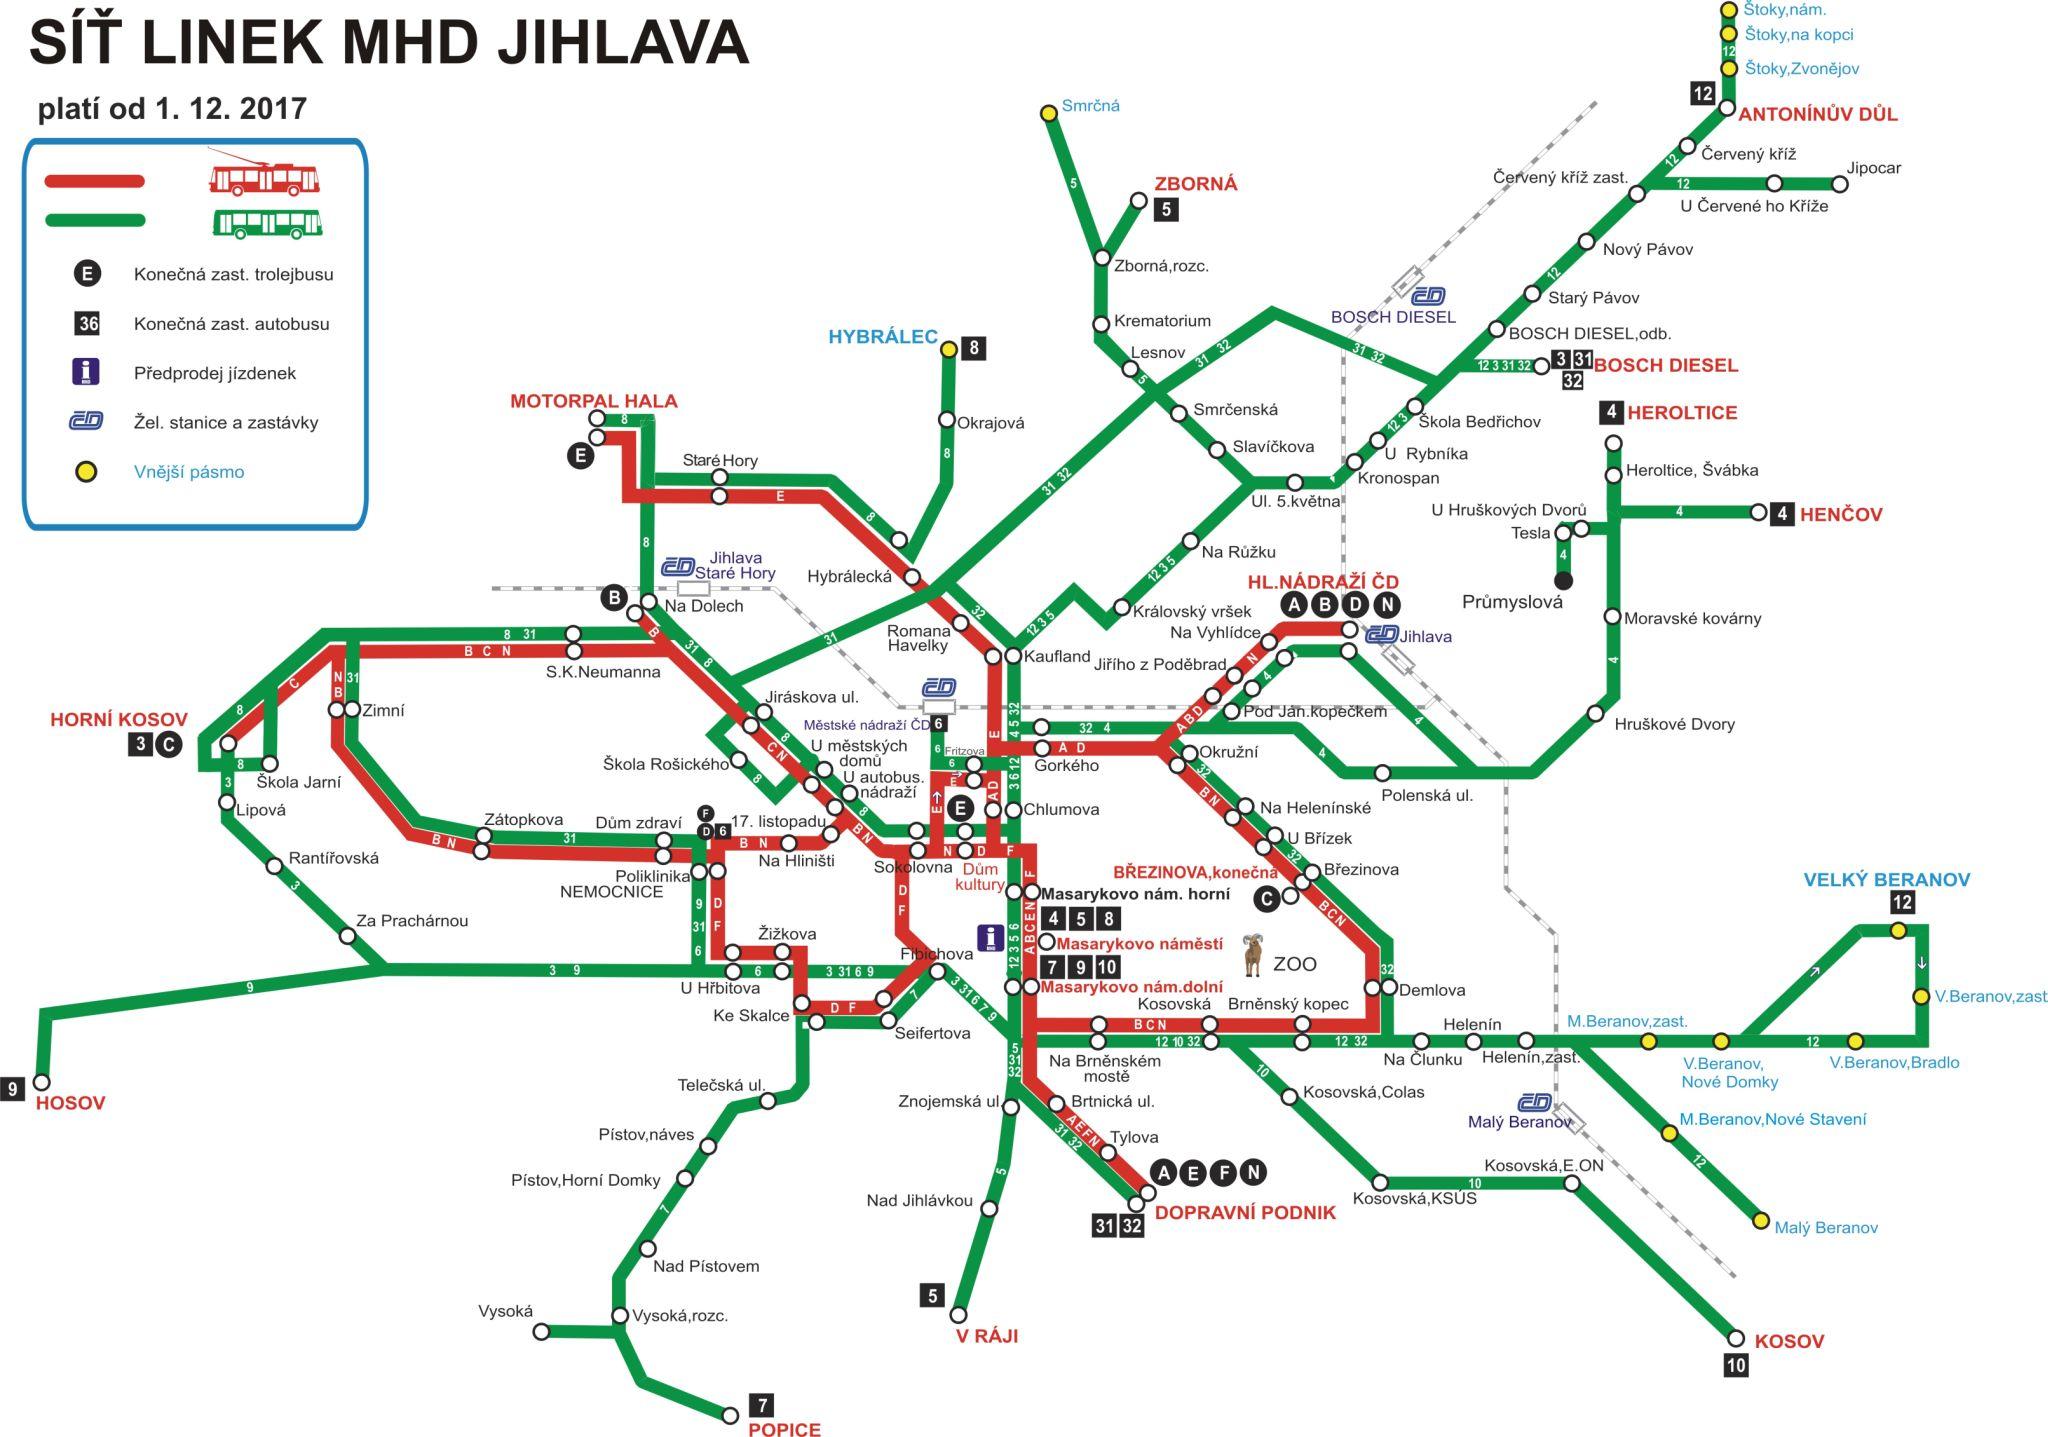 MHD Jihlava - mapa, ceny jízdného, vyhledávač spojů, jízdní řády